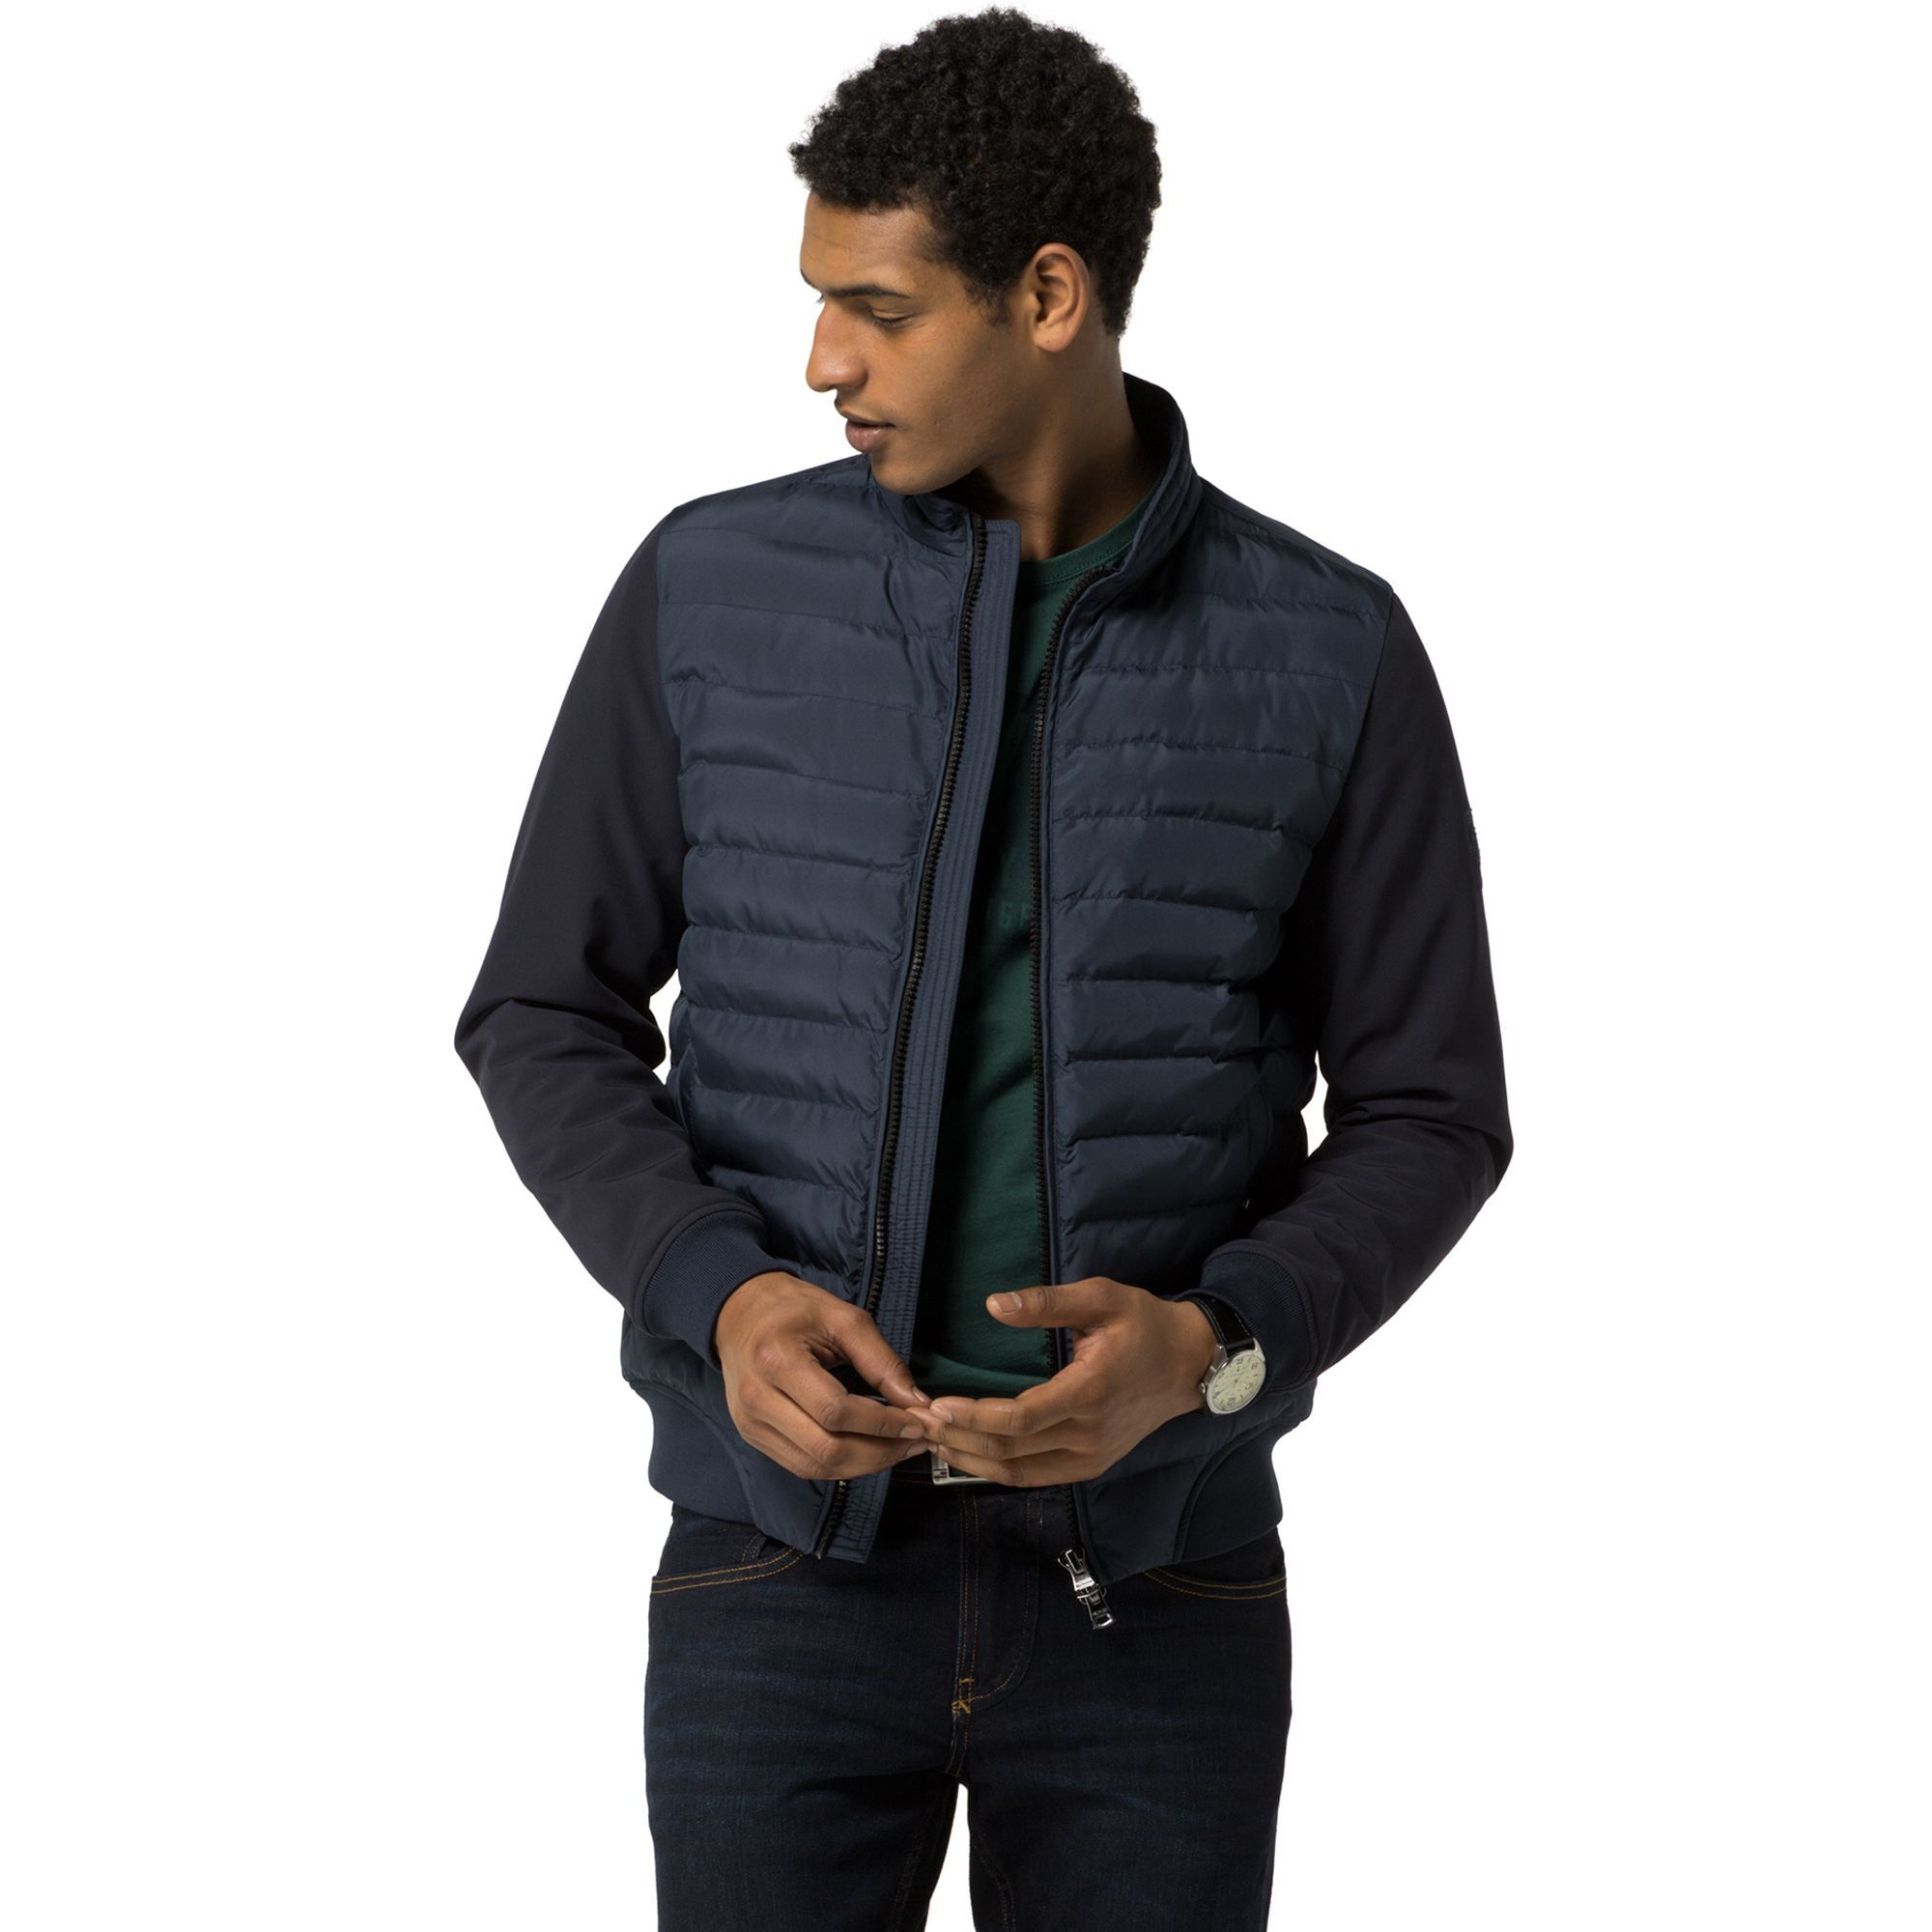 Channeled Bomber Jacket Black Iris Black bomber jacket